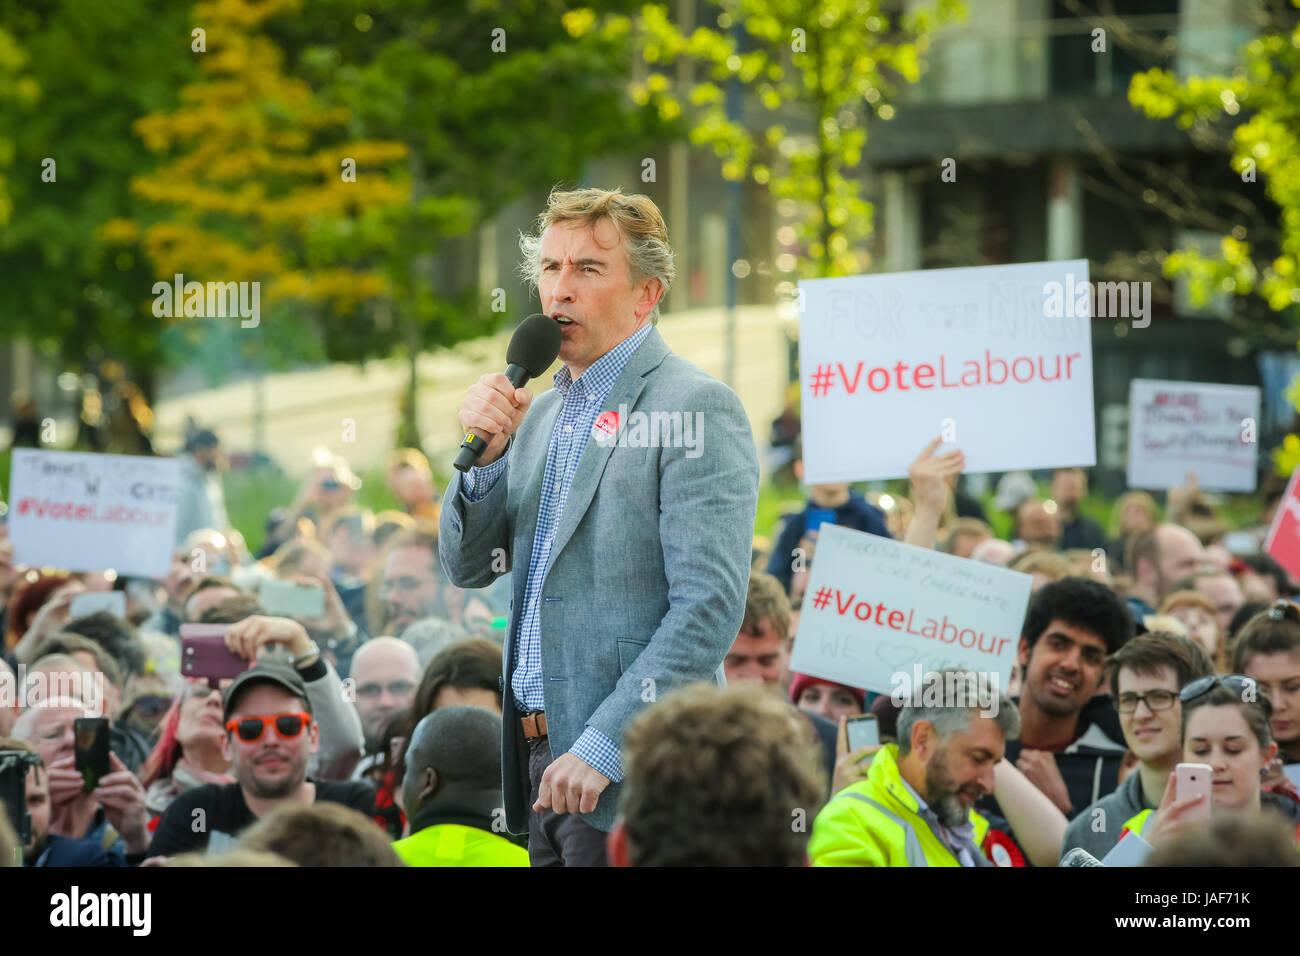 Birmingham UK Mardi 6 juin 2014. Acteur et comédien Steve Coogan répond à une manifestation en soutien Photo Stock